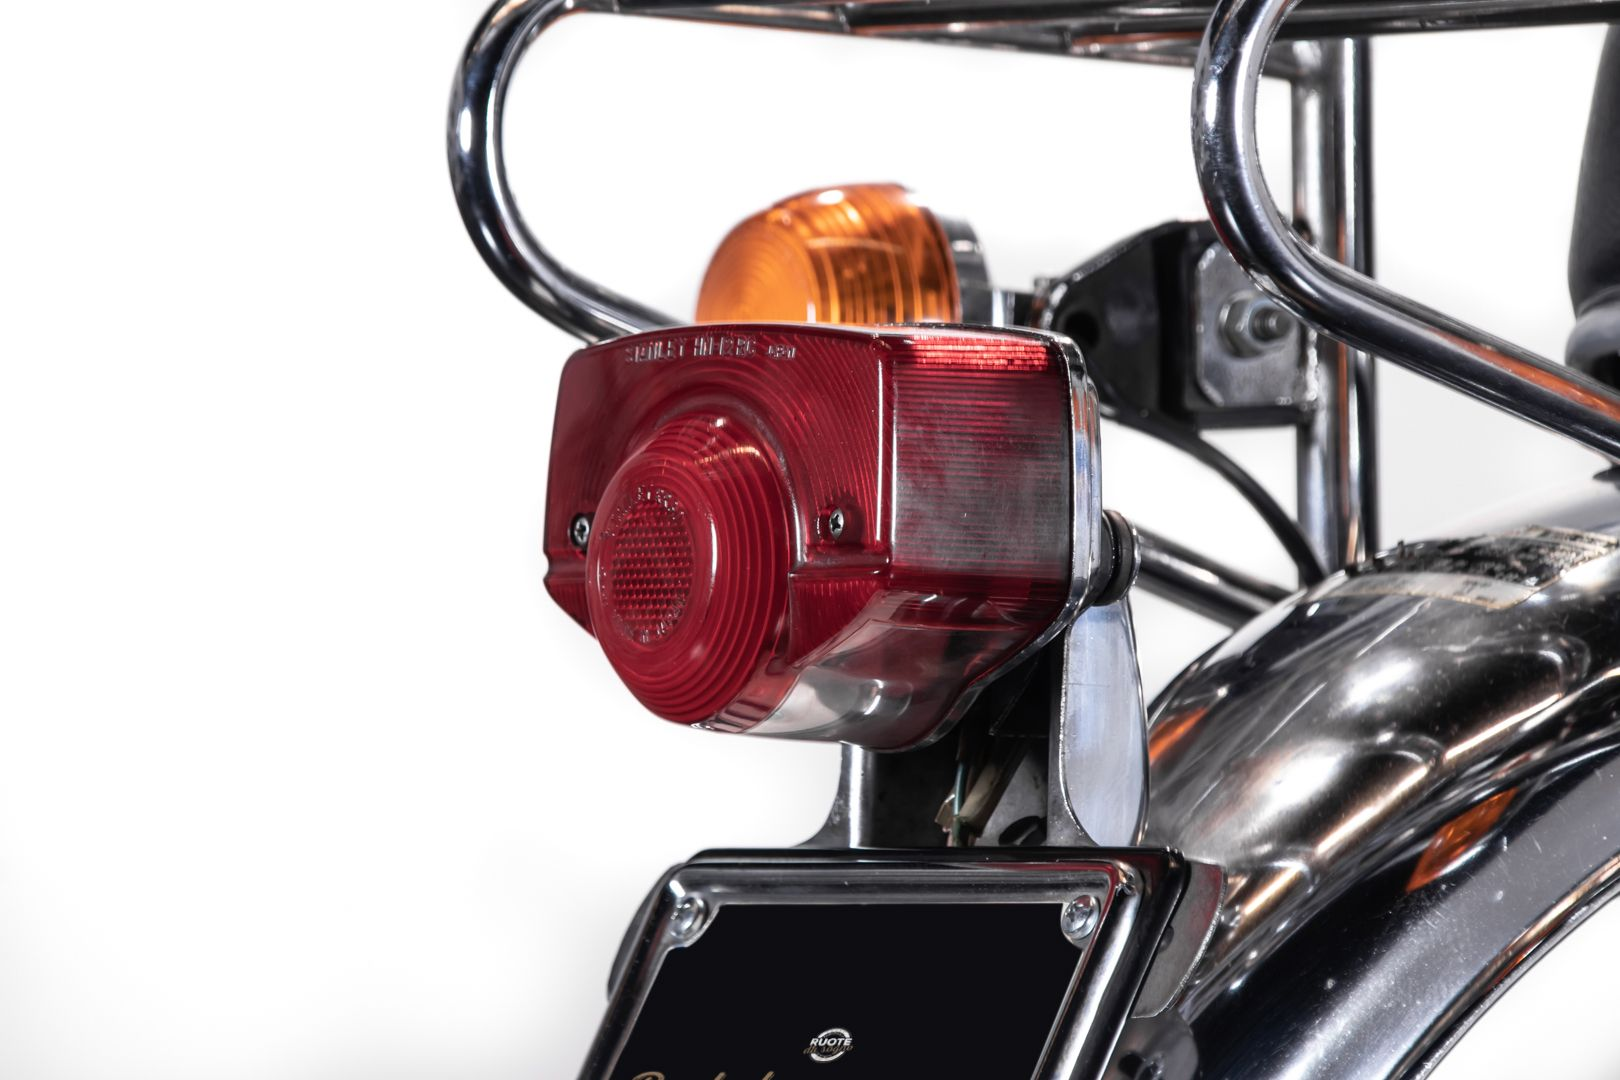 1973 Honda CB 750 Four 74183